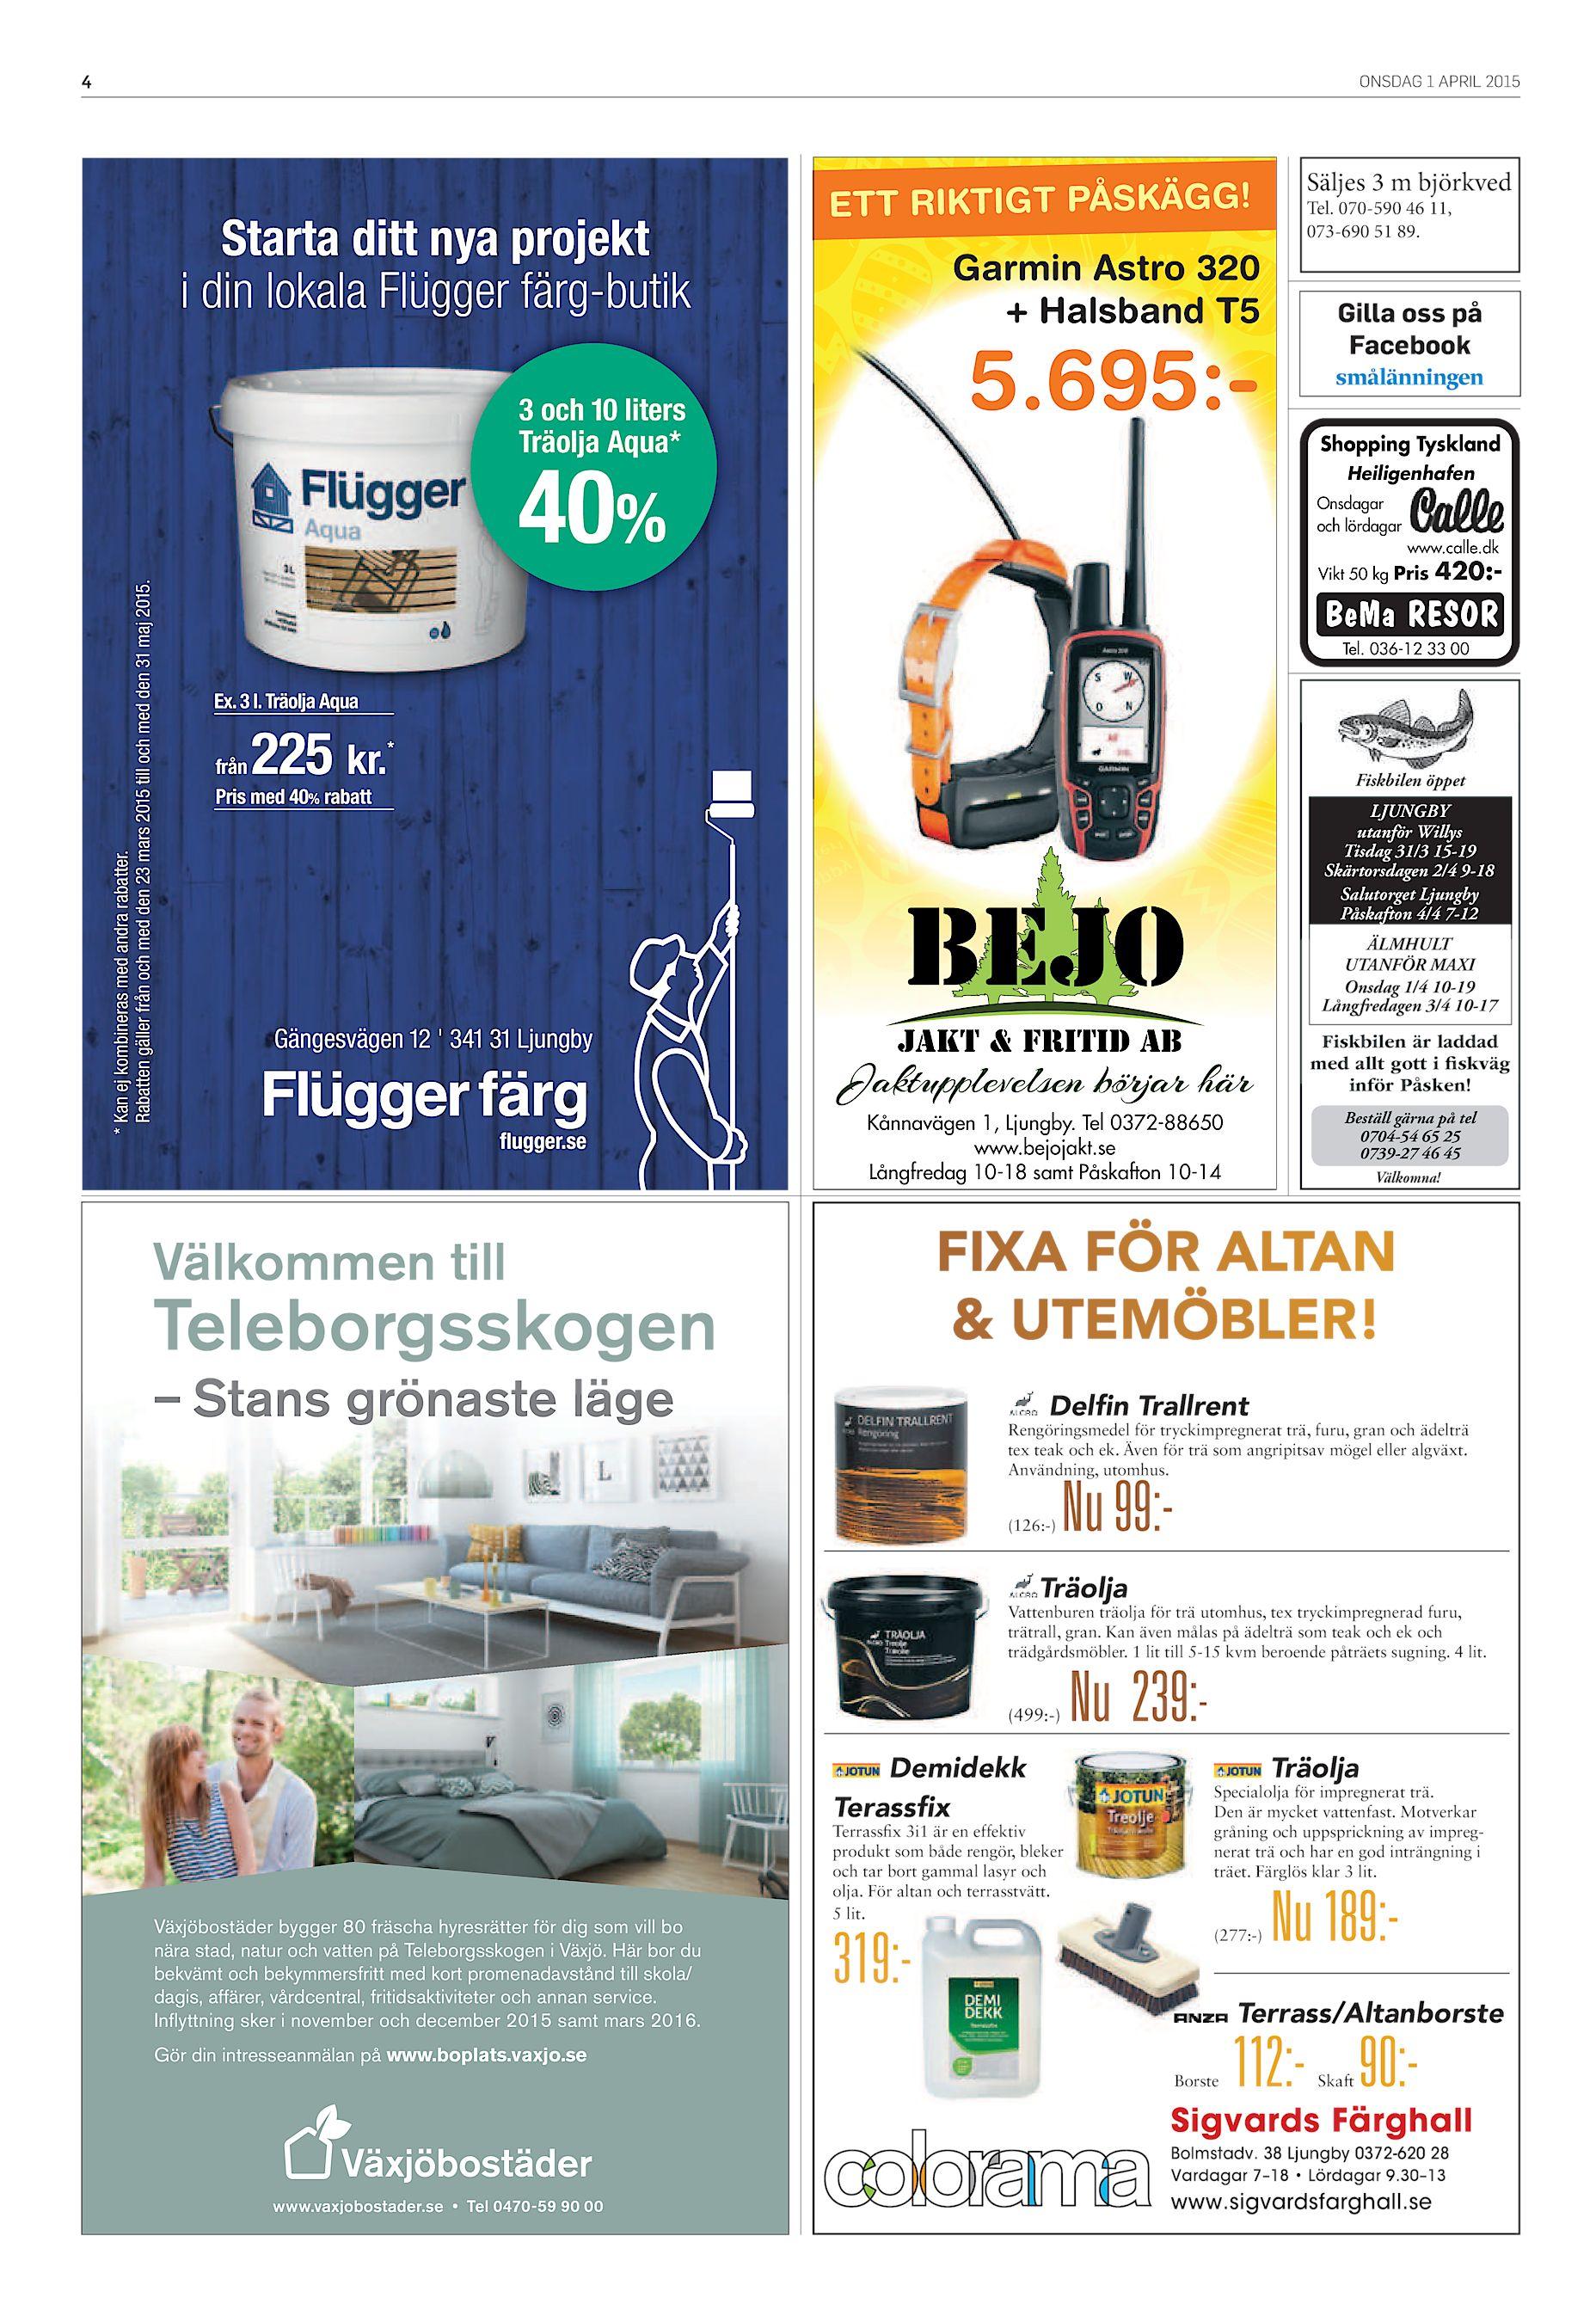 96 ONSDAG 1 APRIL 2015 Starta ditt nya projekt i din lokala Flügger  färg-butik ETT RIKTIGT PÅSKÄGG! Garmin Astro 320 + Halsband T5 5.695 - 3  och 10 liters ... 18b8a09280c8a